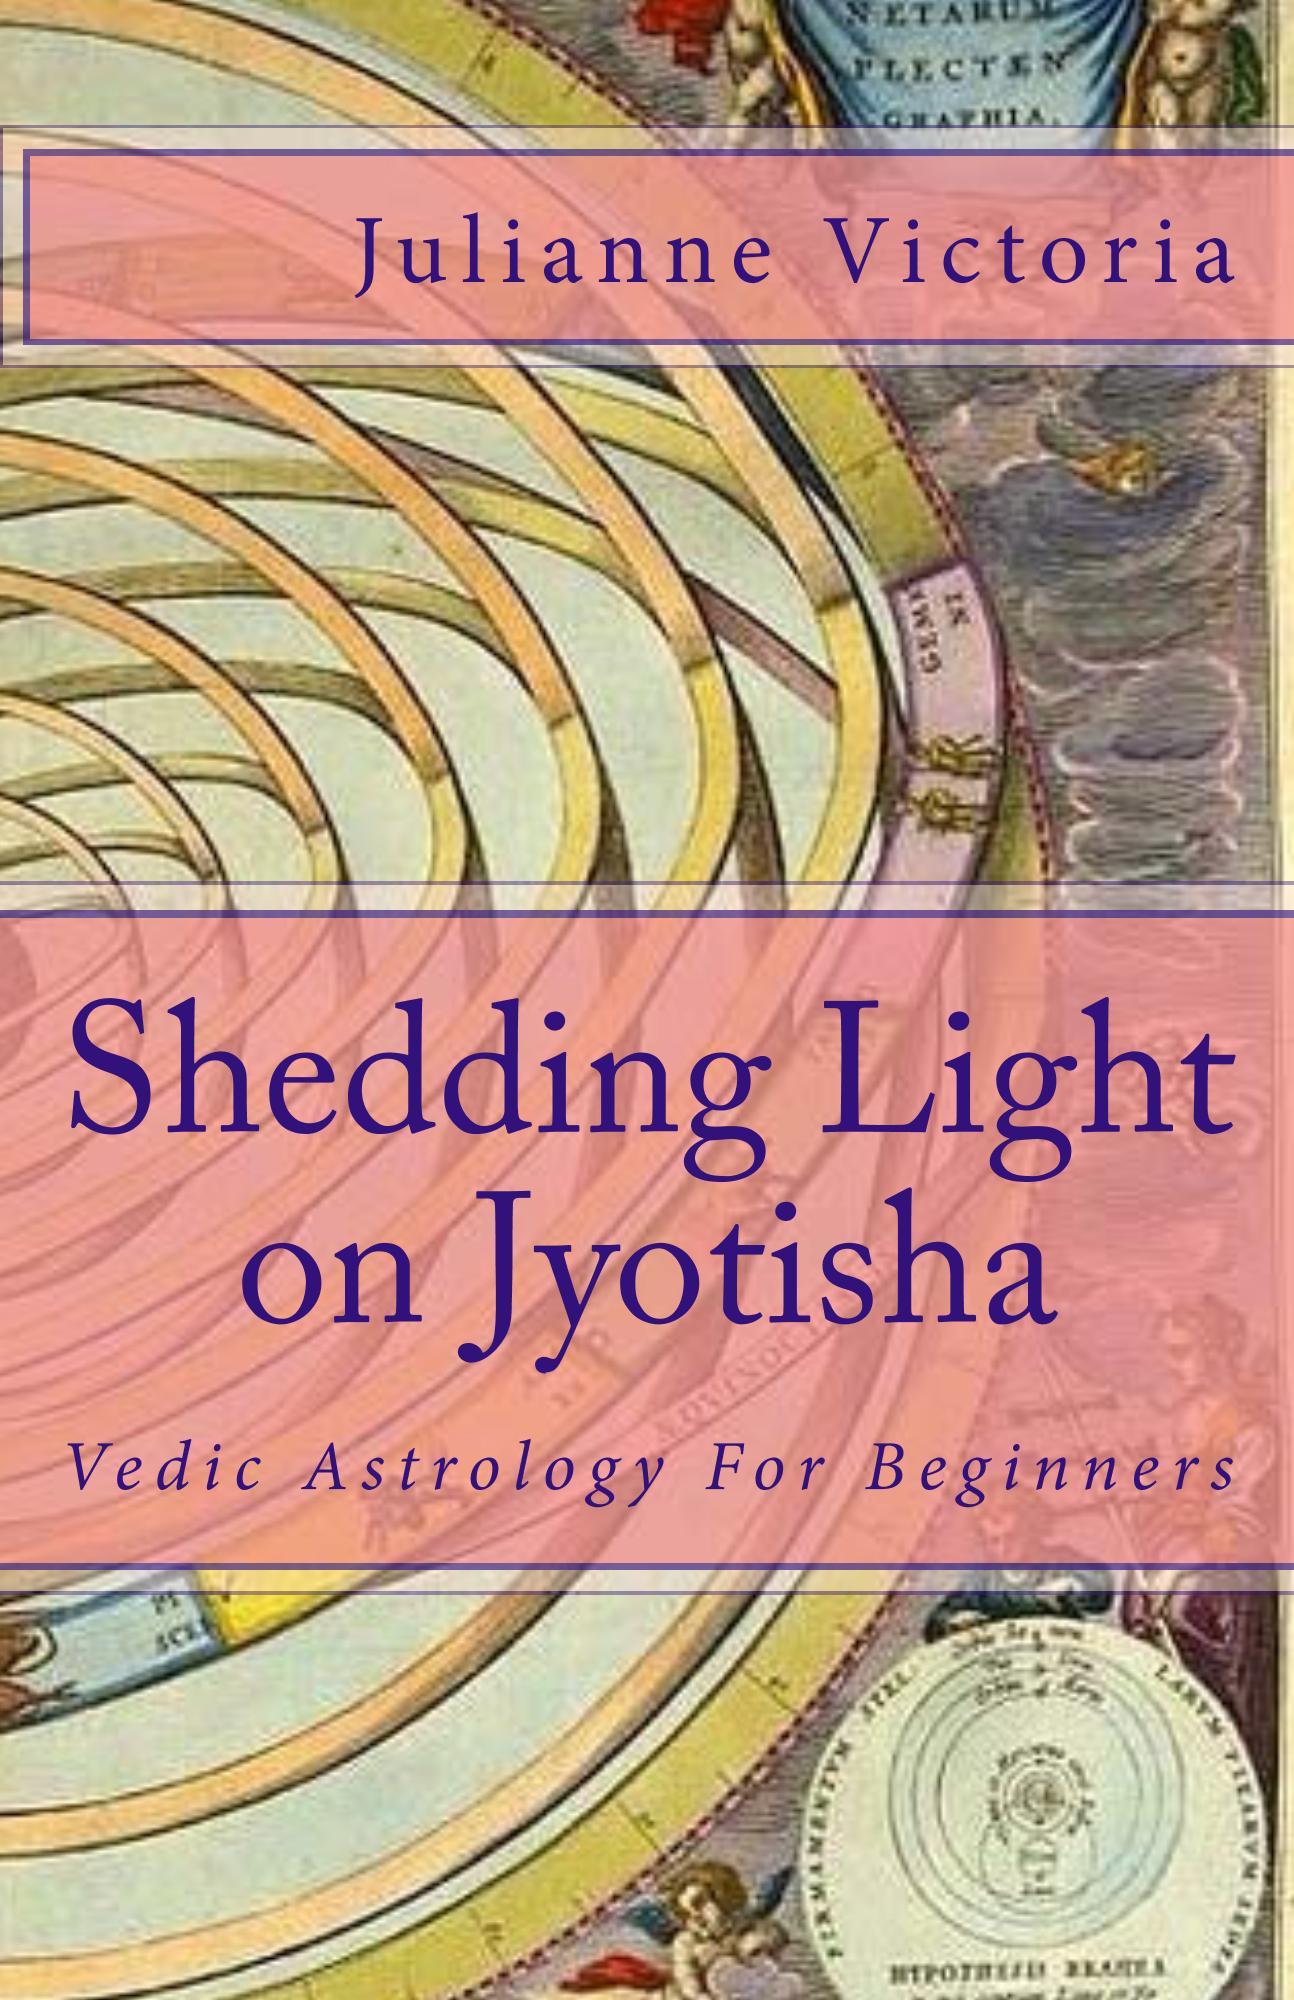 Shedding Light On Jy Cover For Kindle Jyotisha Vedic Astrology